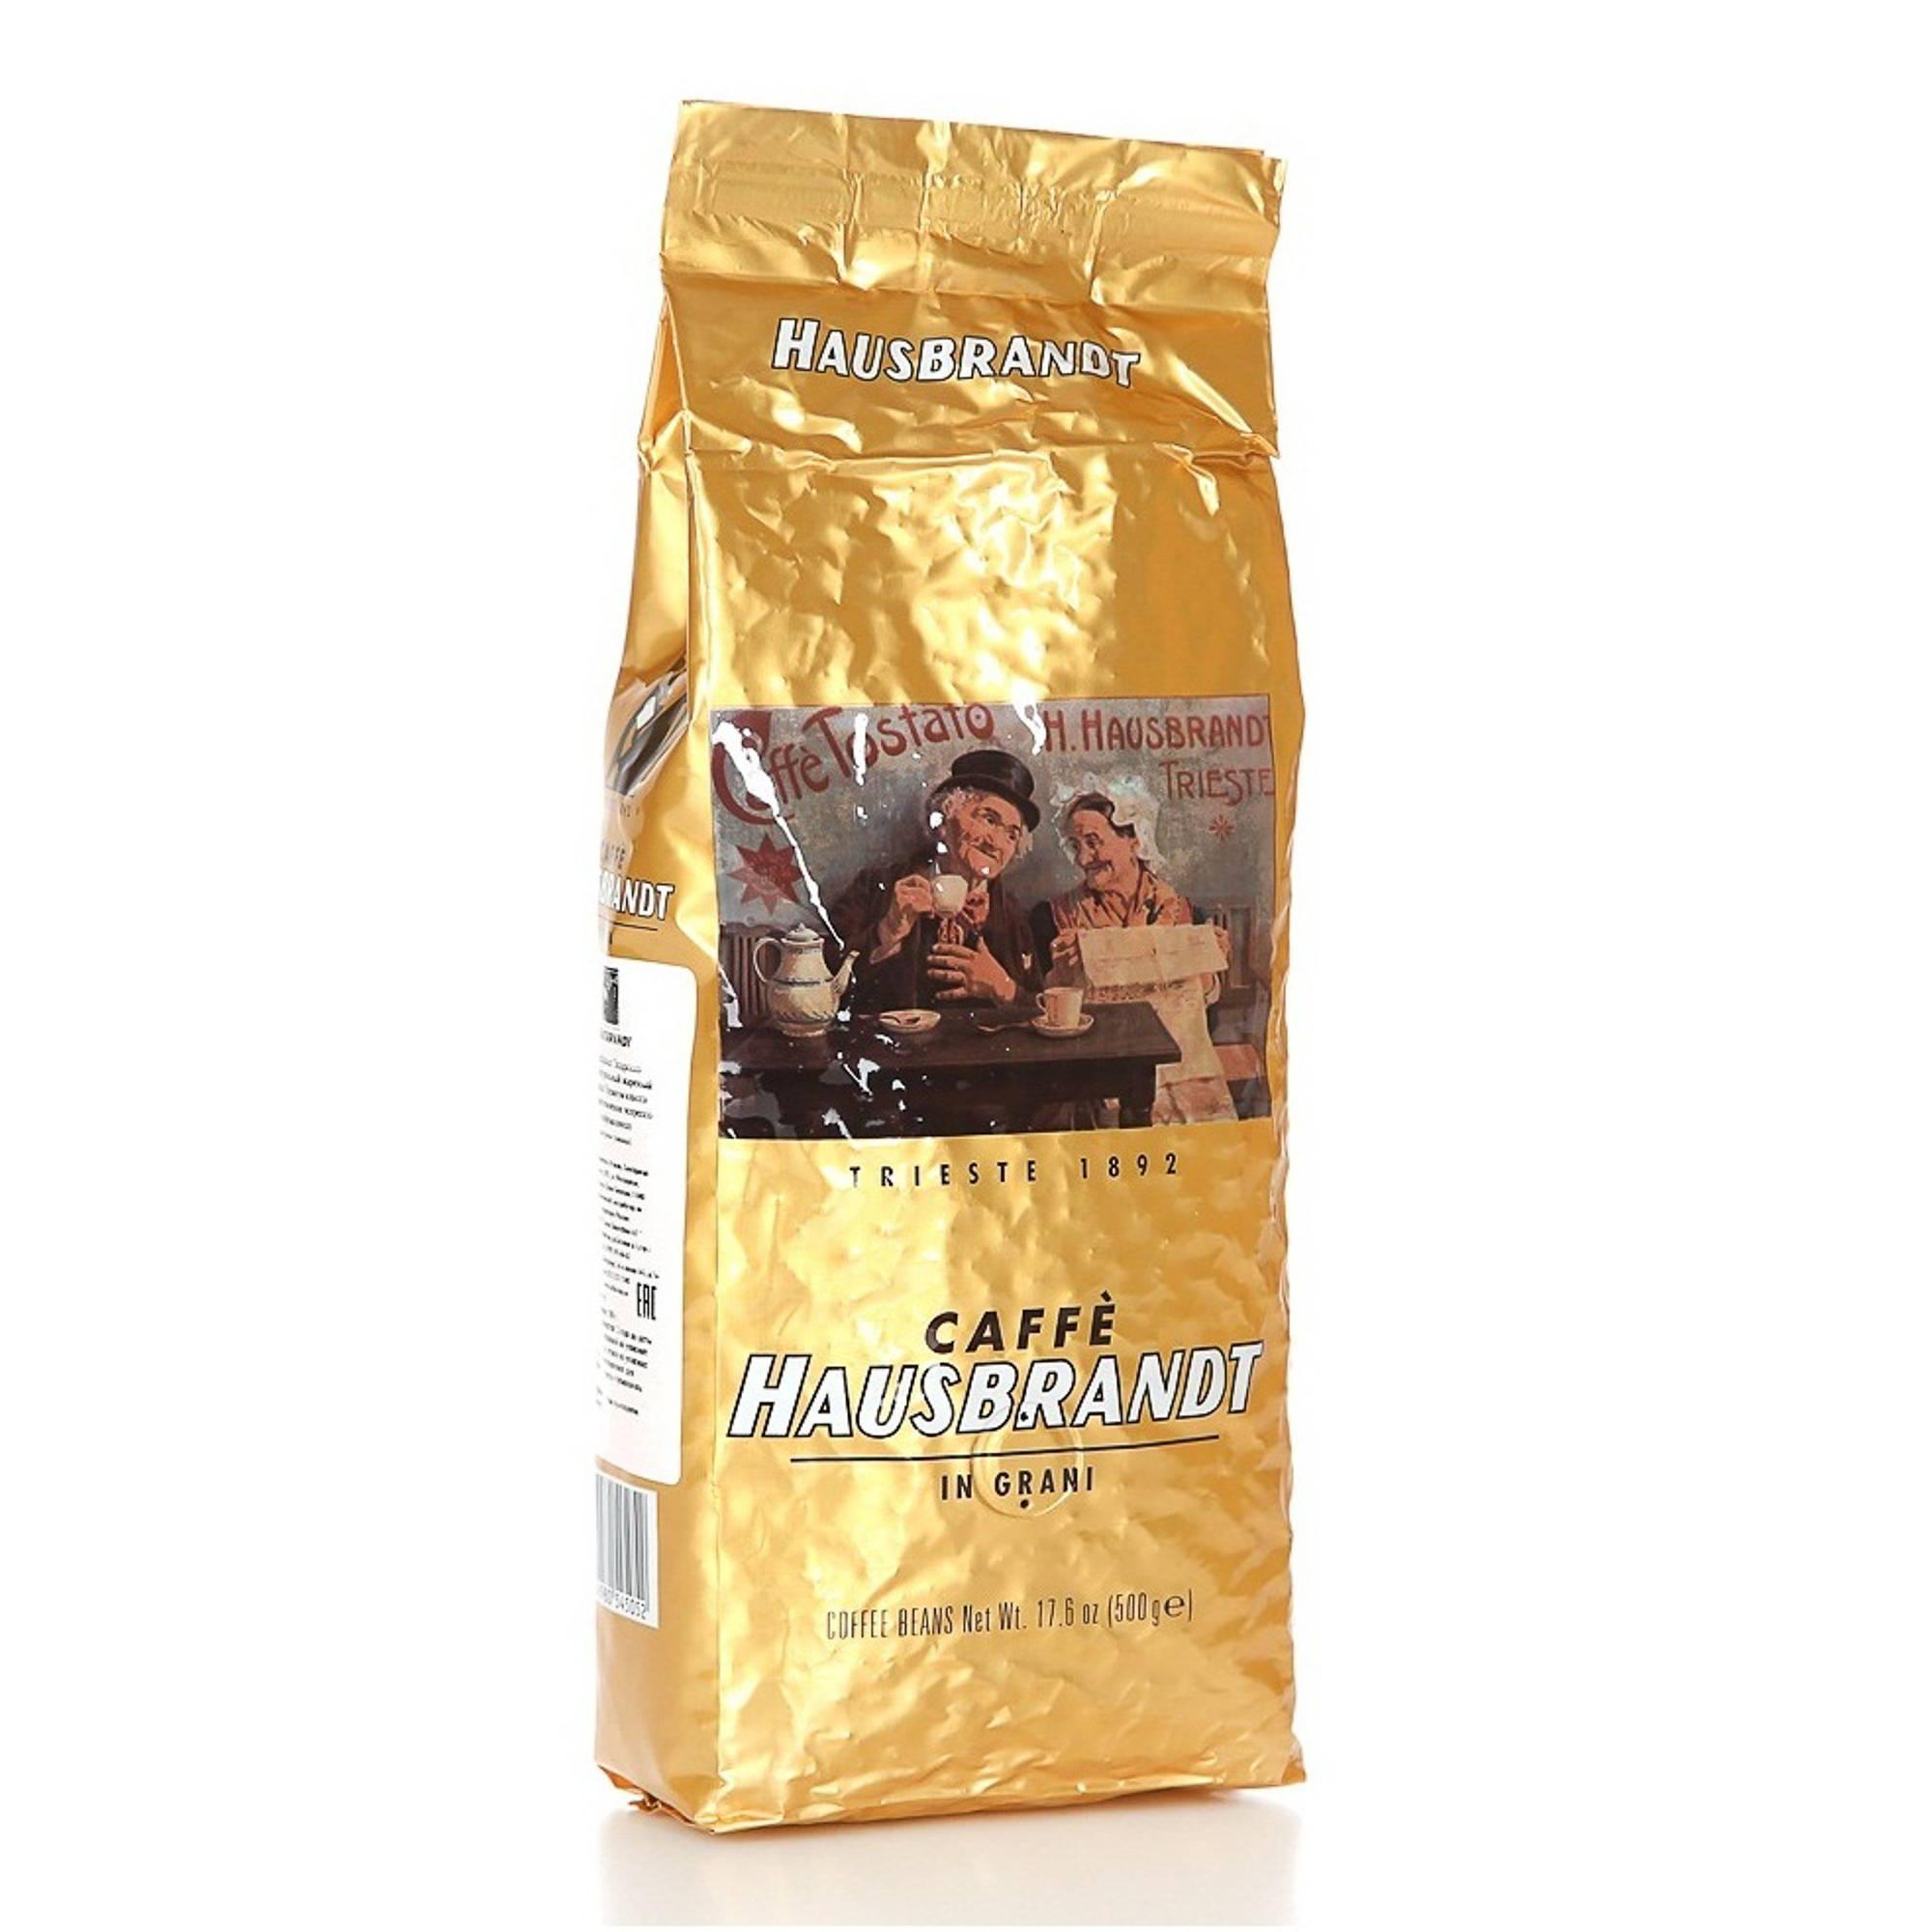 Технология производства и ассортимент зернового кофе нausbrandt